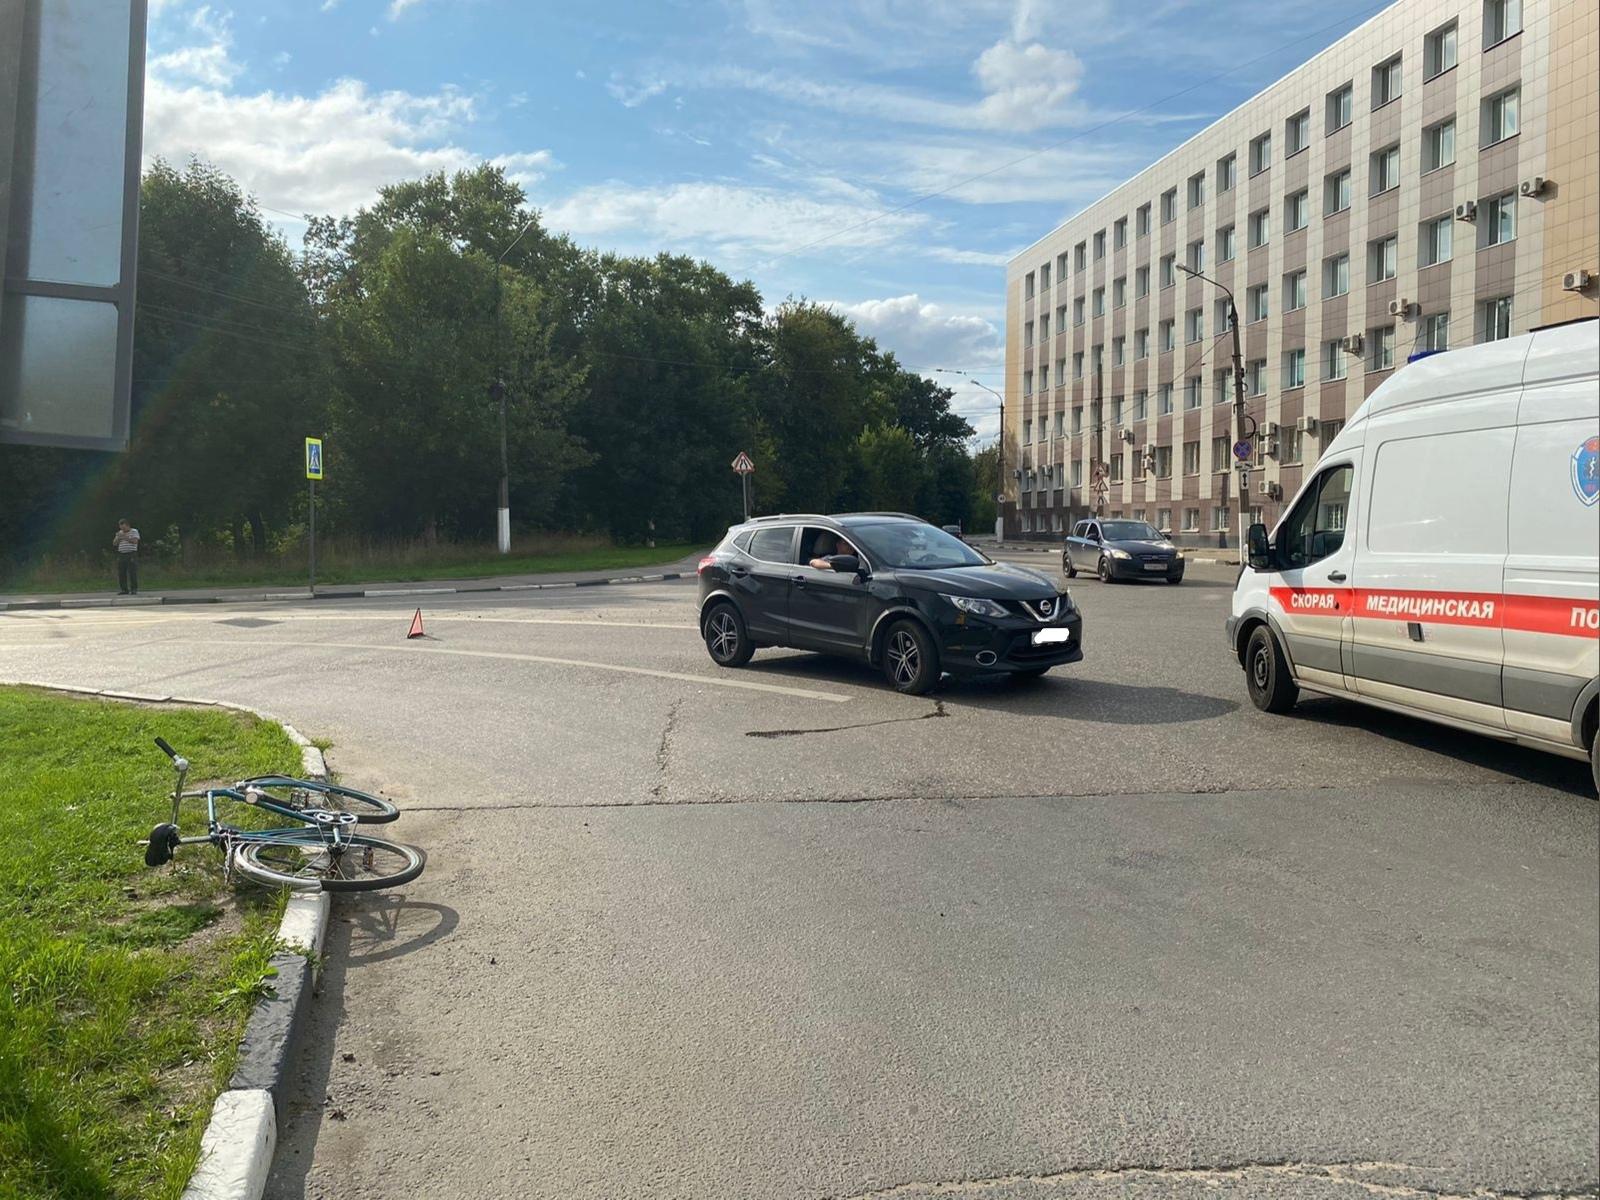 Женщина-водитель сбила велосипедиста в центре Твери